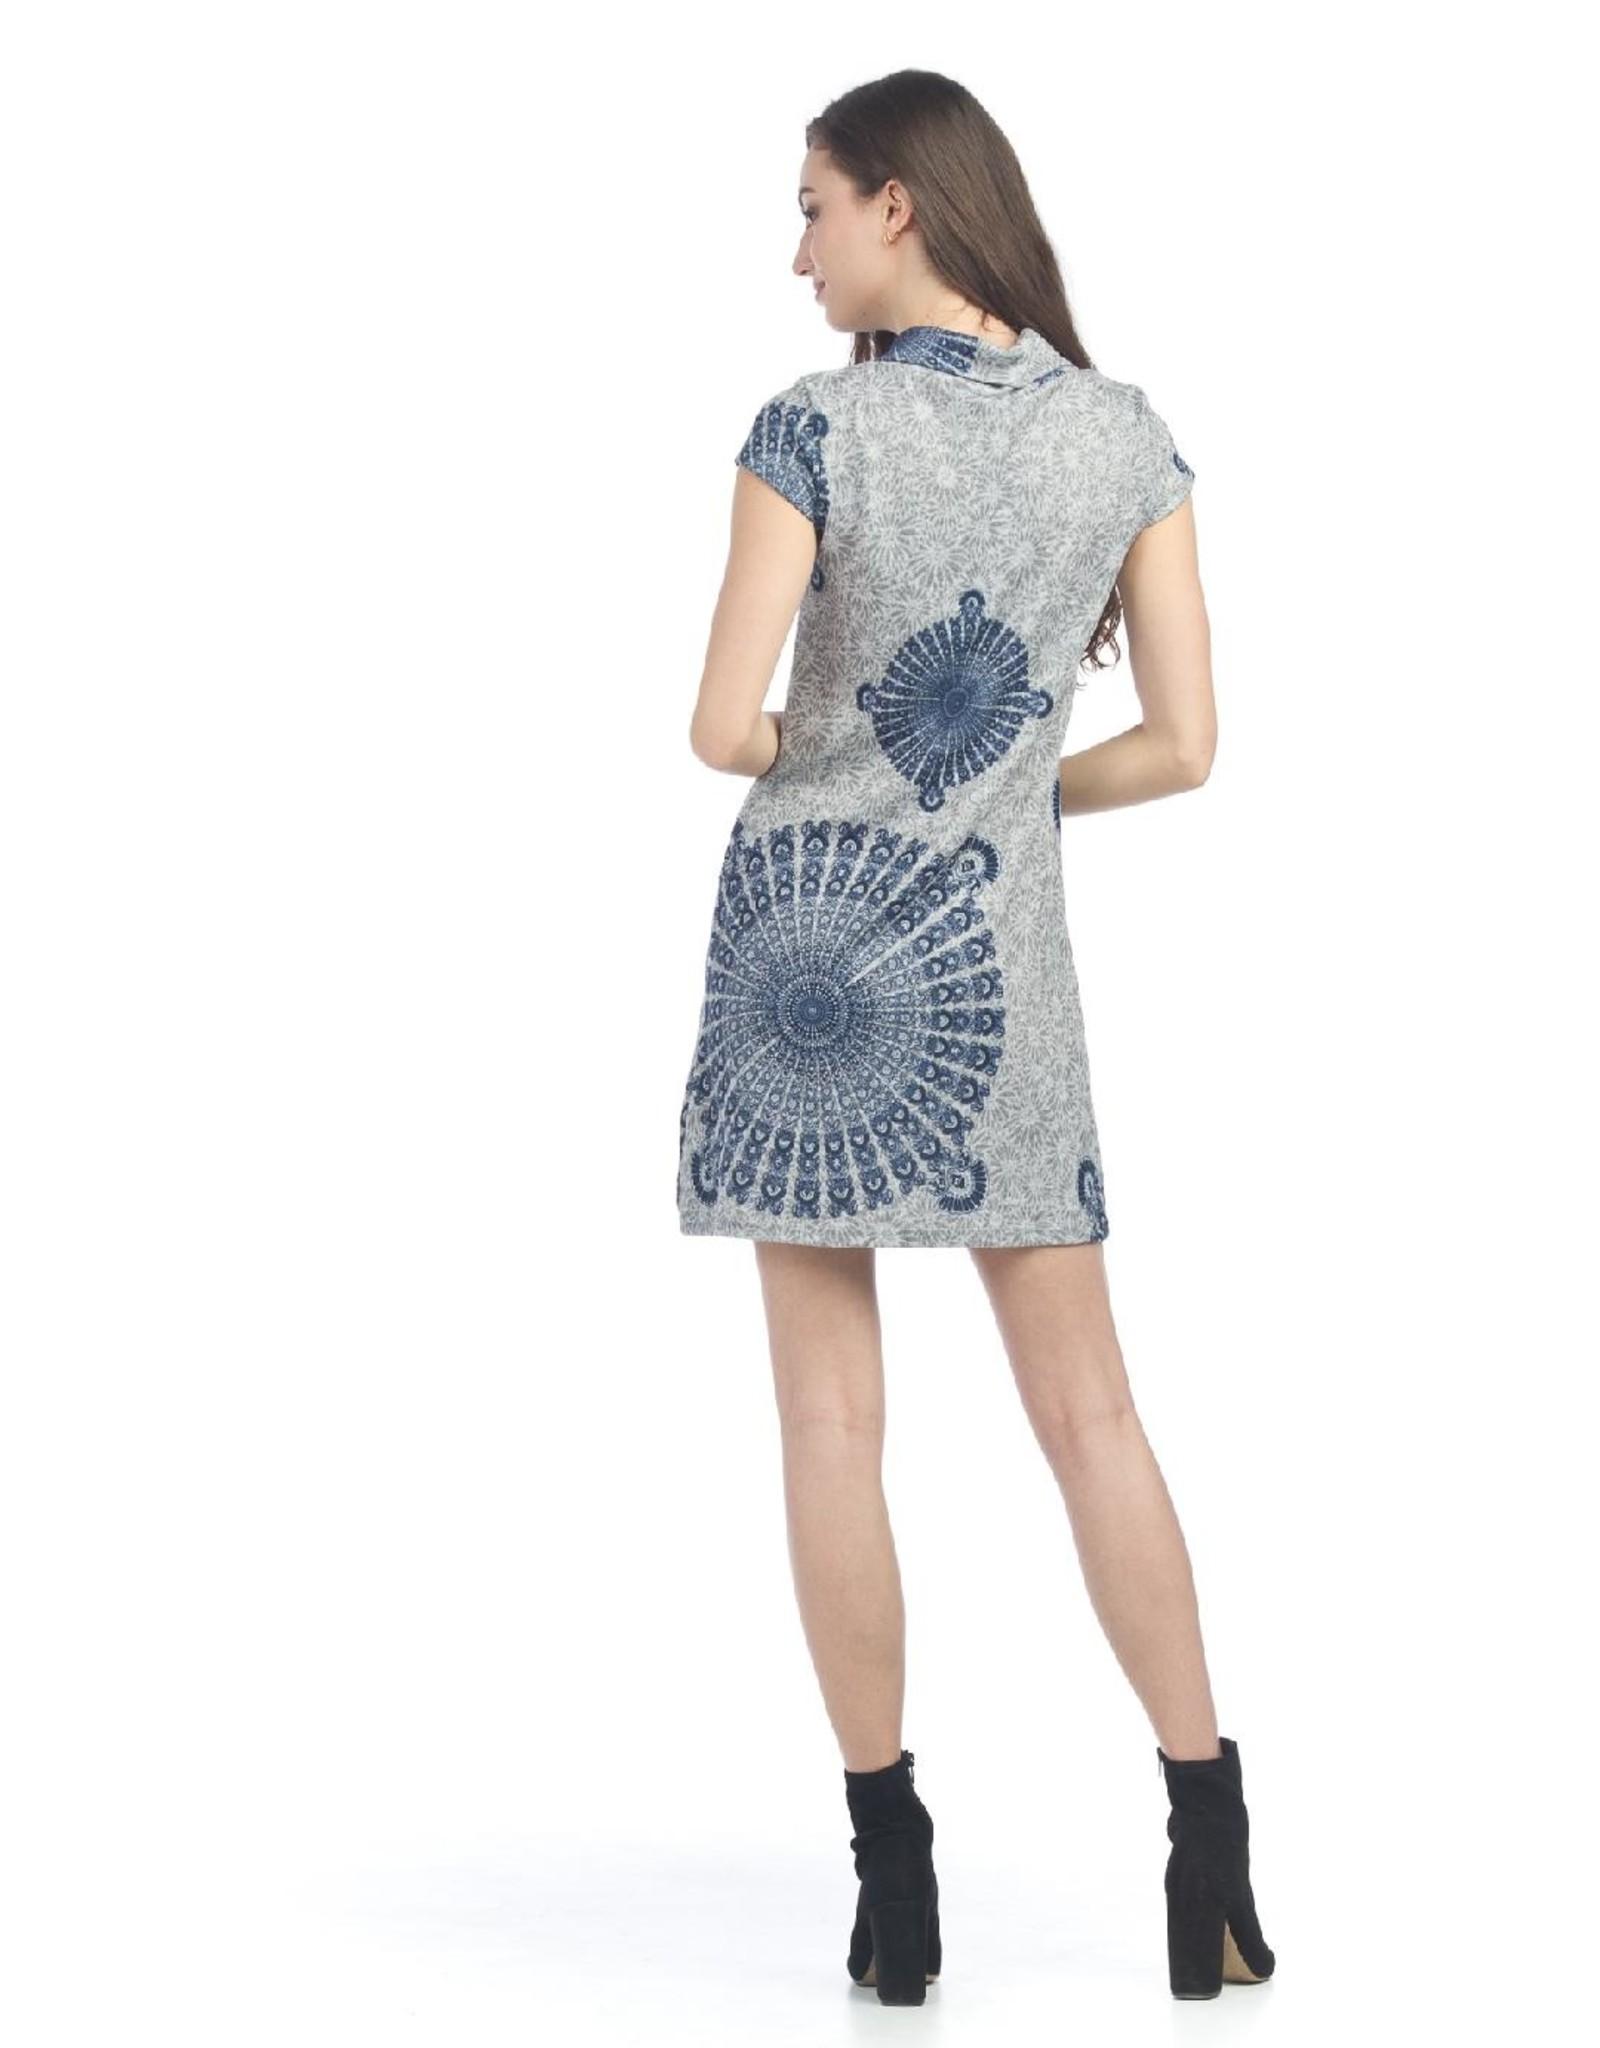 Mandala Sweater Dress